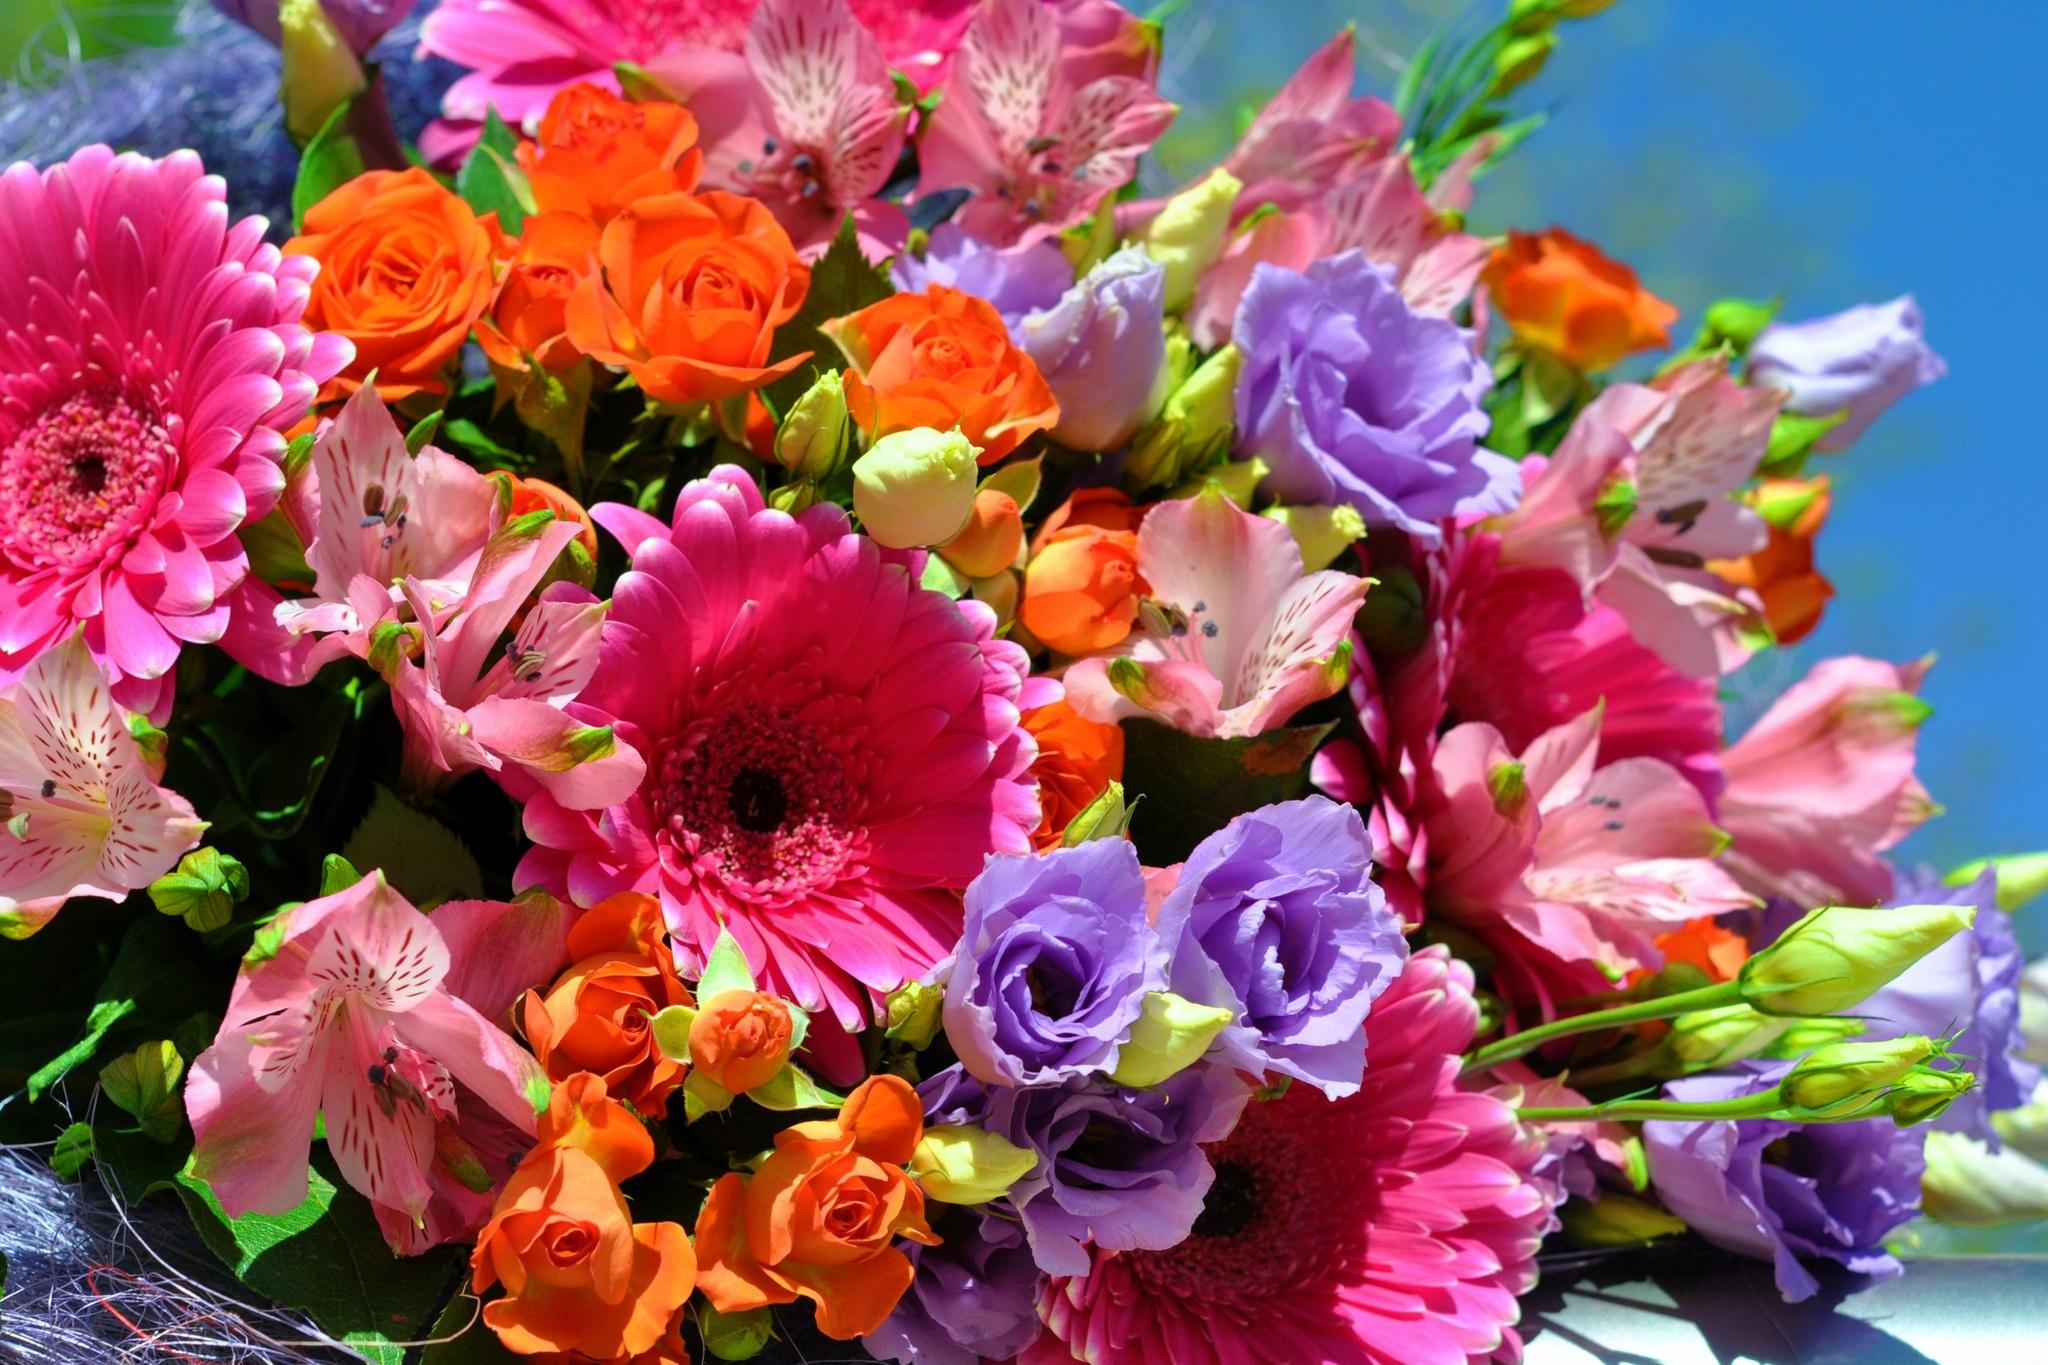 день картинки красивые яркие невеста